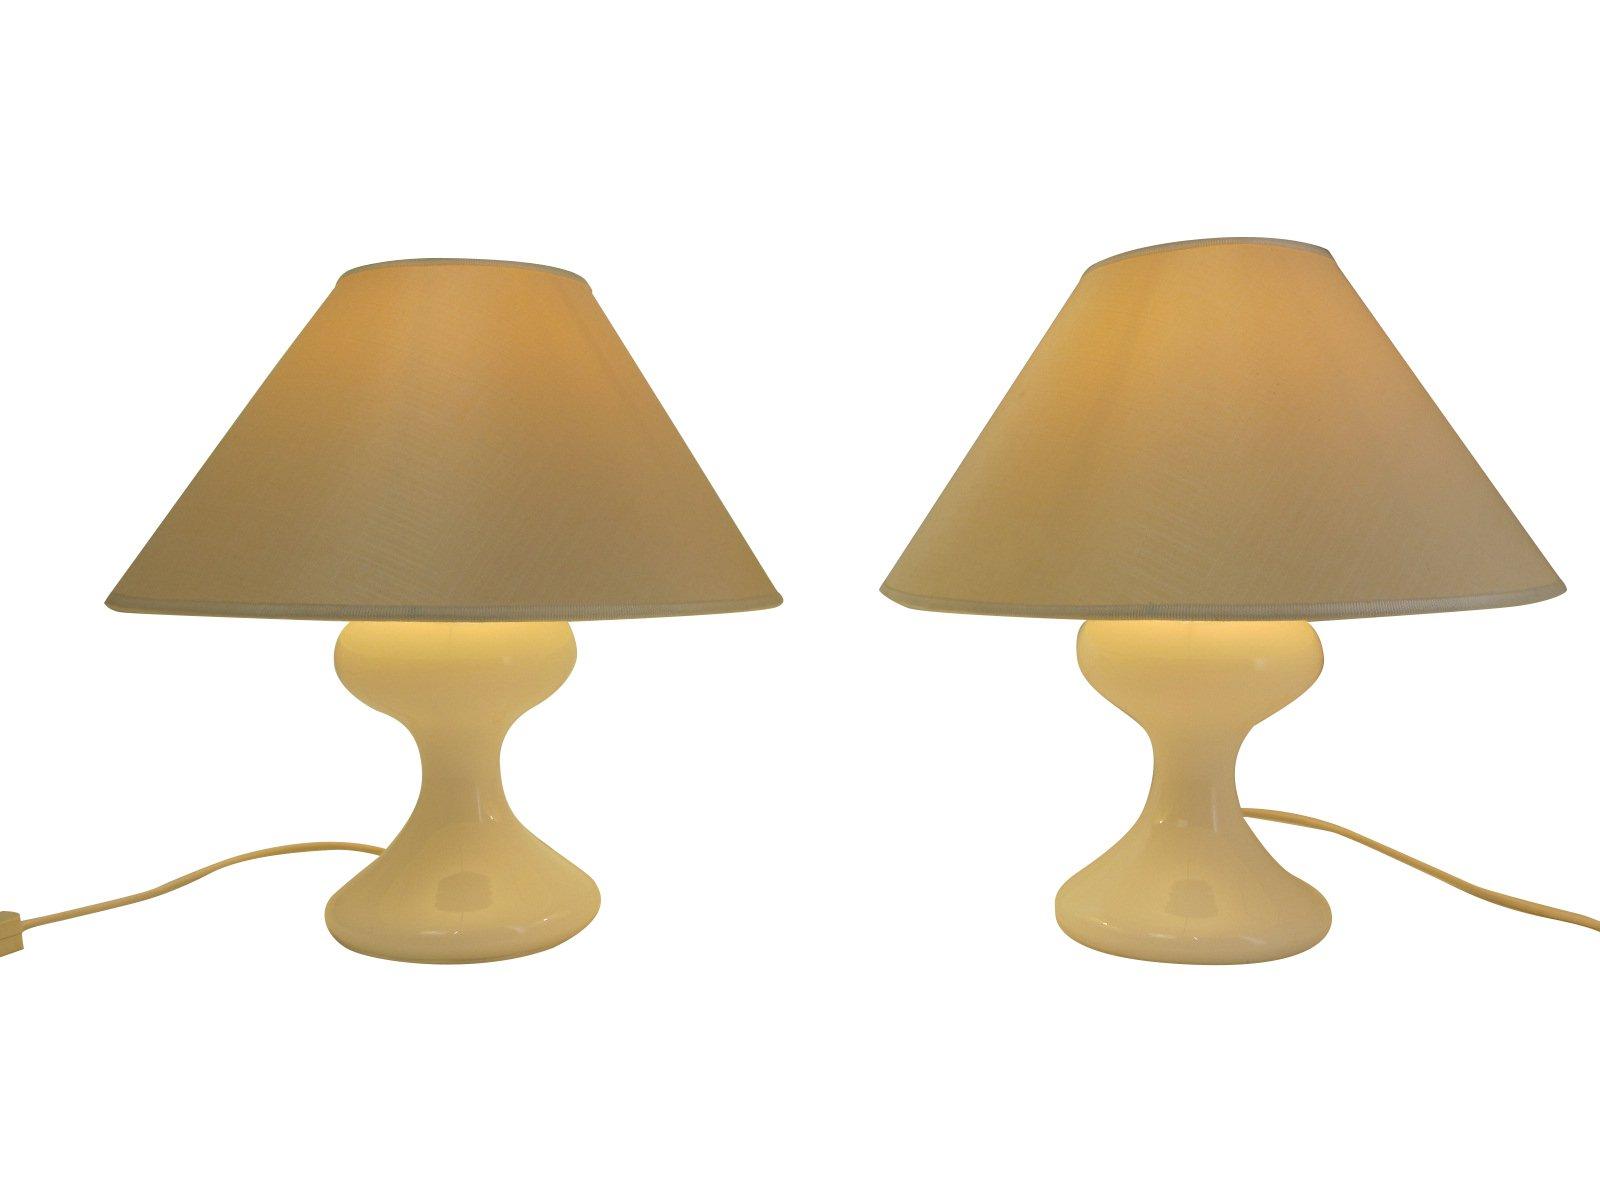 Weiße Deutsche ML 1 Glas Tischlampen von Ingo Maurer, 1967, 2er Set